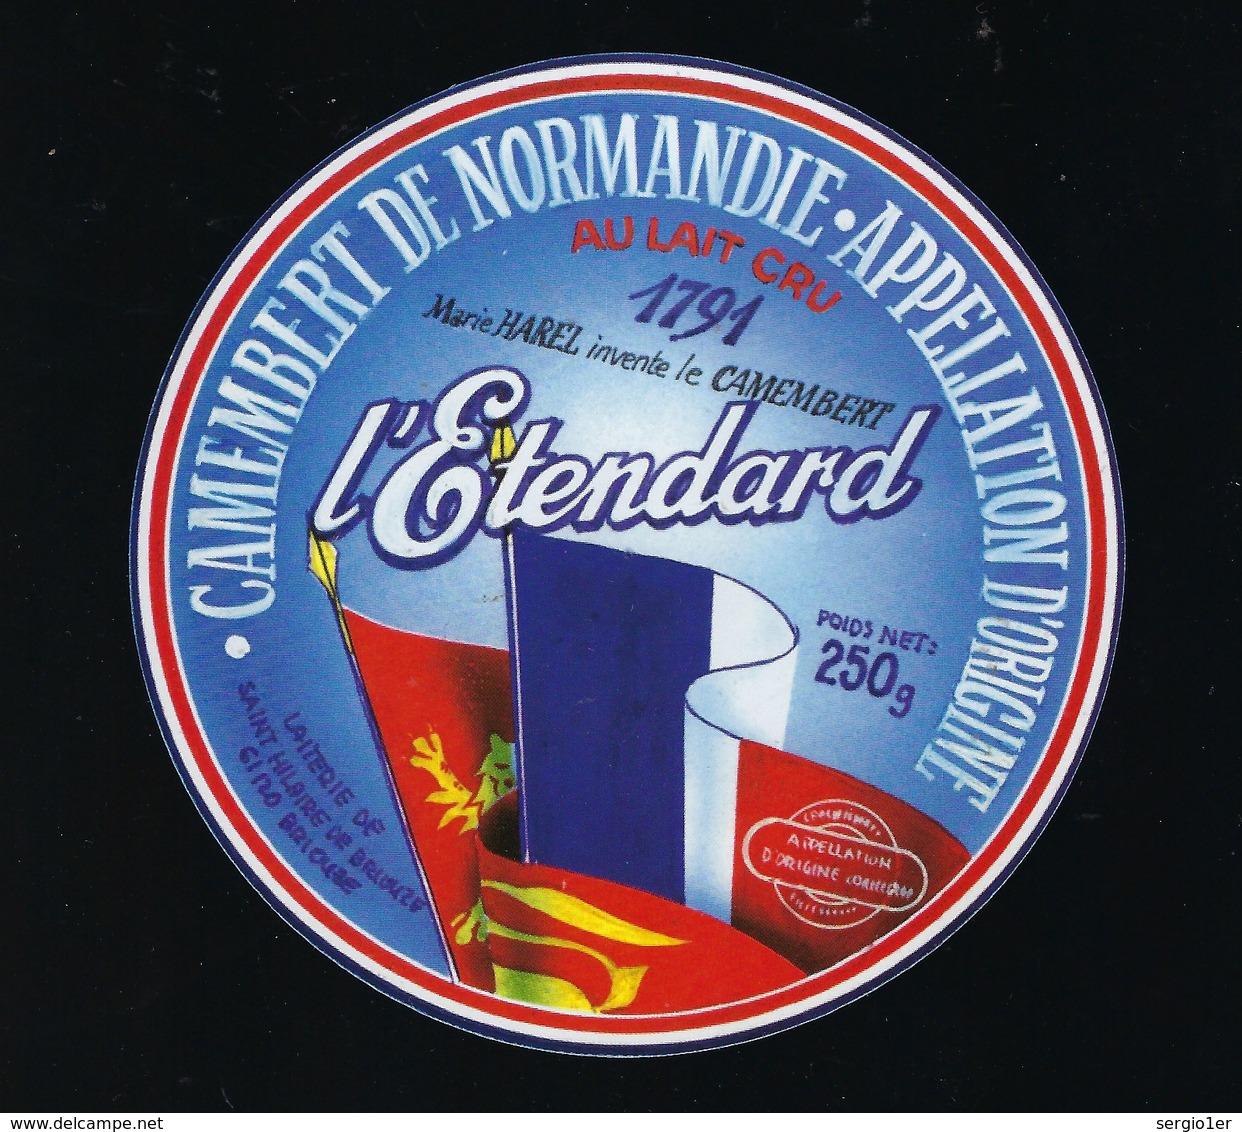 """Etiquette Fromage  Camembert Normandie  L'Etendard  250g Laiterie De St Hilaire De Briouze Orne 61 """" Drapeaux"""" 1791 M Ha - Fromage"""